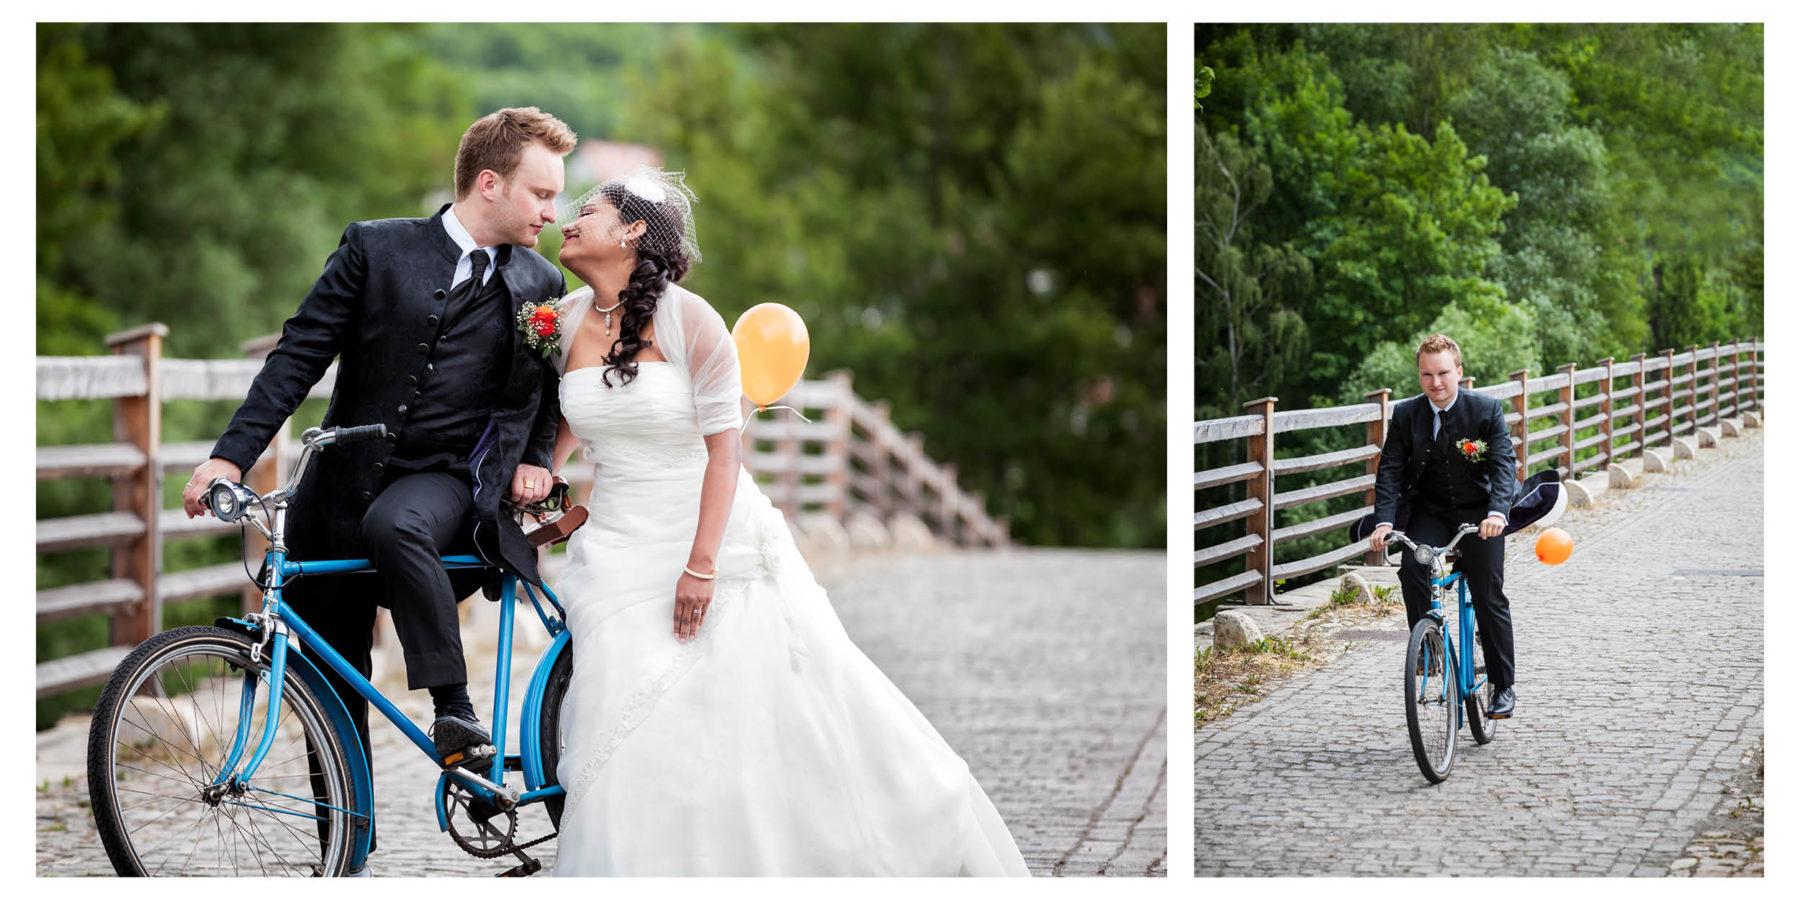 Astounding Lustige Hochzeitsbilder Photo Of Brautpaar Und Fahrrad